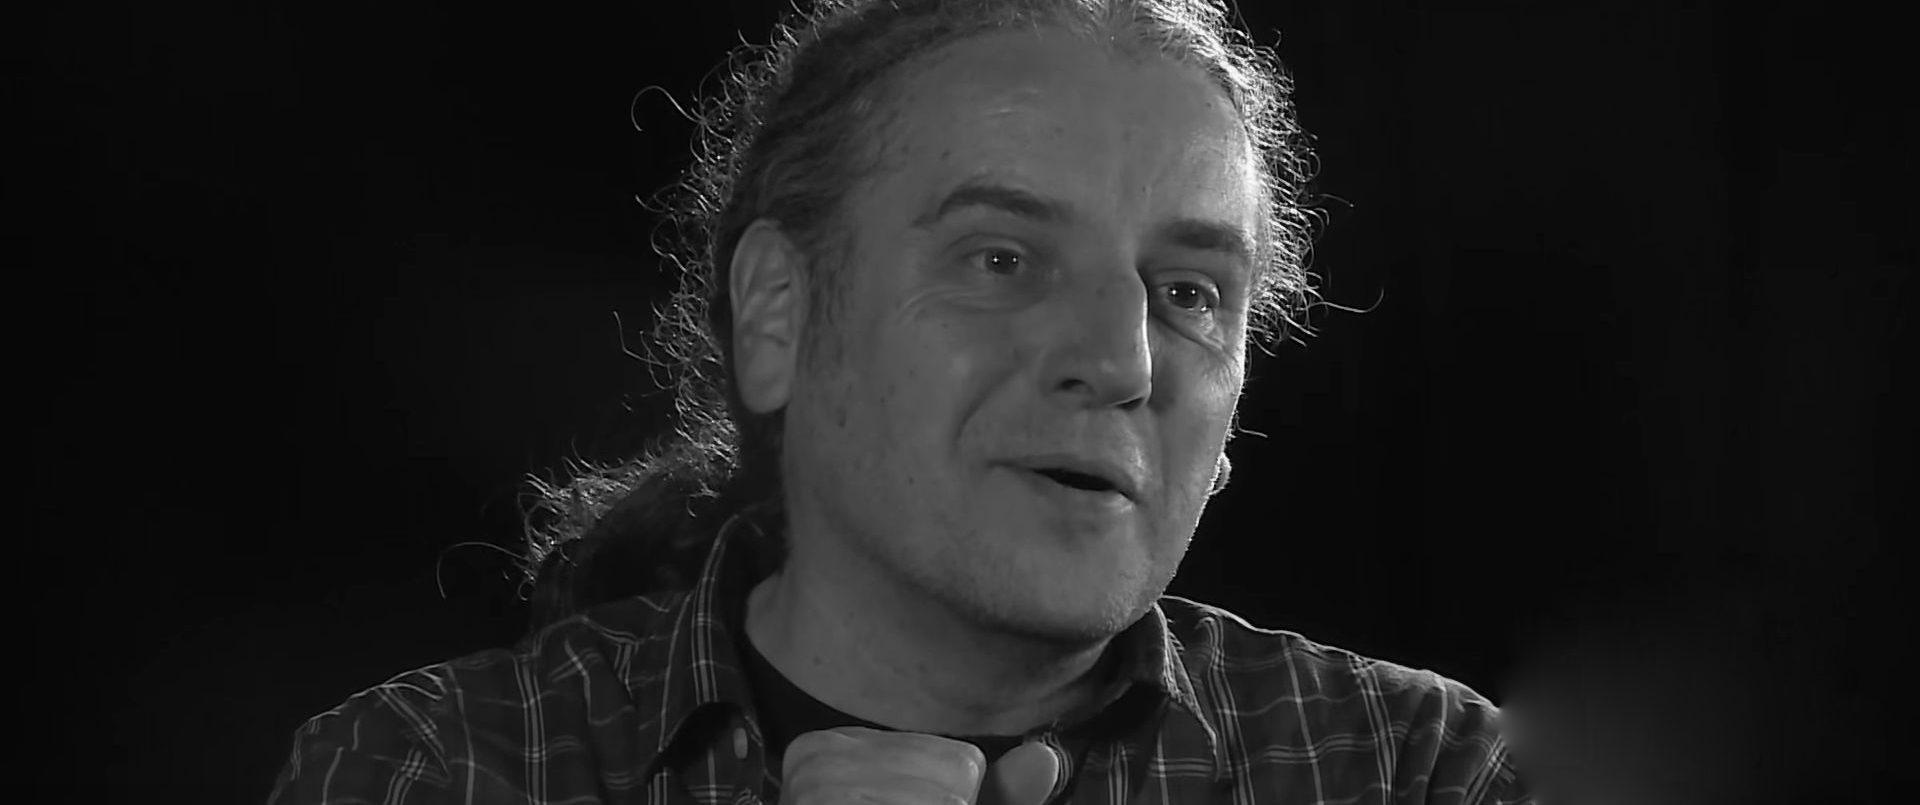 Komemoracija za preminulog novinara, pisca i borca za slobodu Predraga Lucića